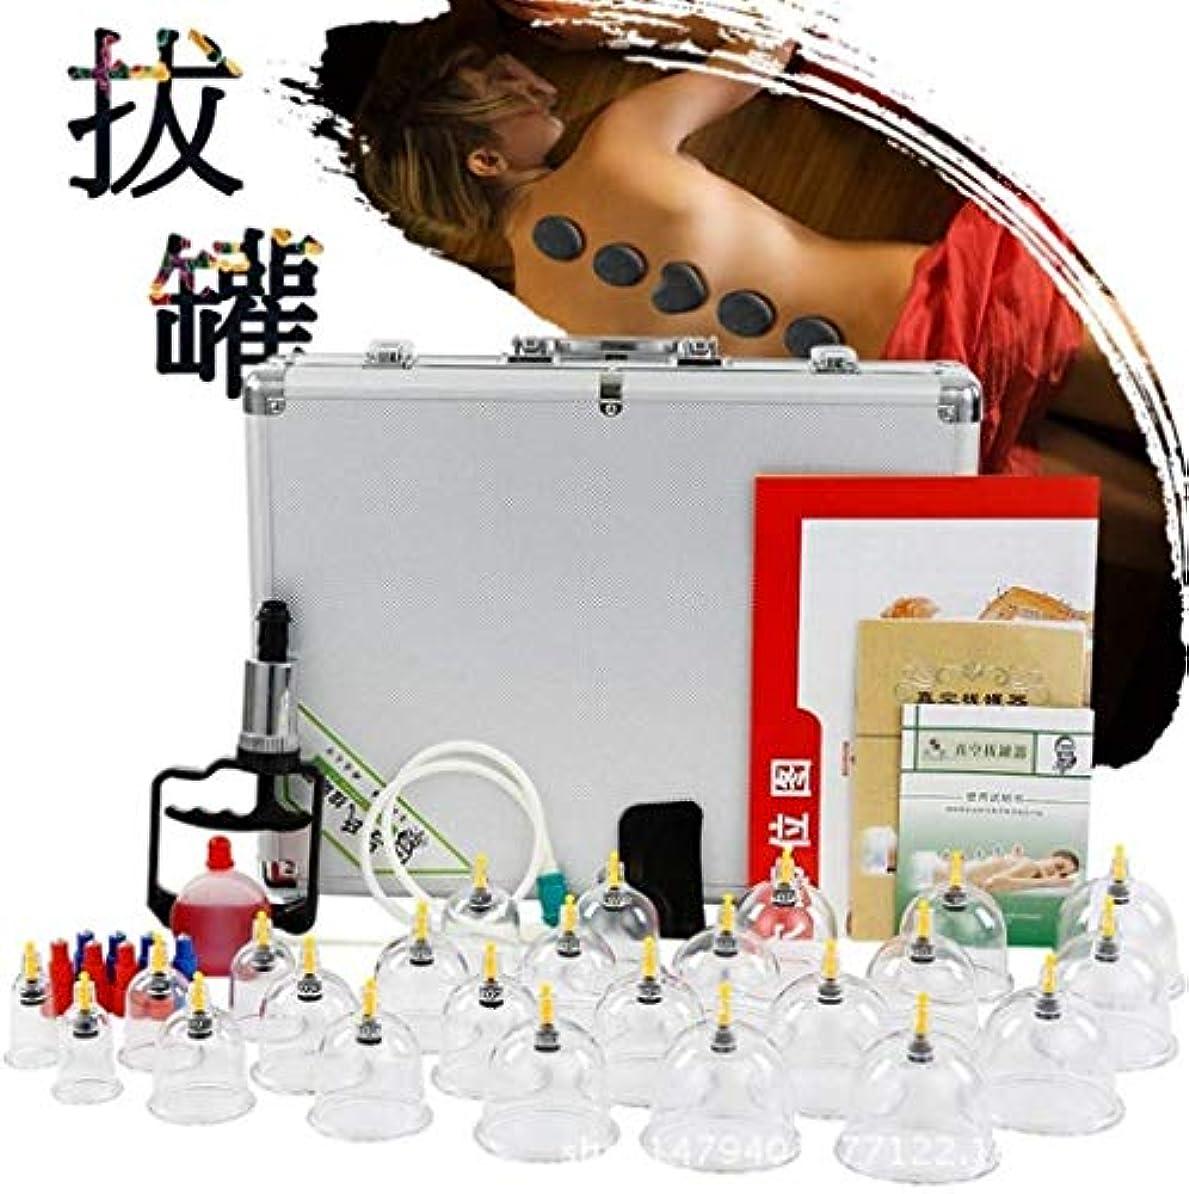 ためらう飛行場例ボディマッサージや痛みを軽減するためのエクステンションチューブと中国の鍼カッピングセットのプロフェッショナルカッピングキット